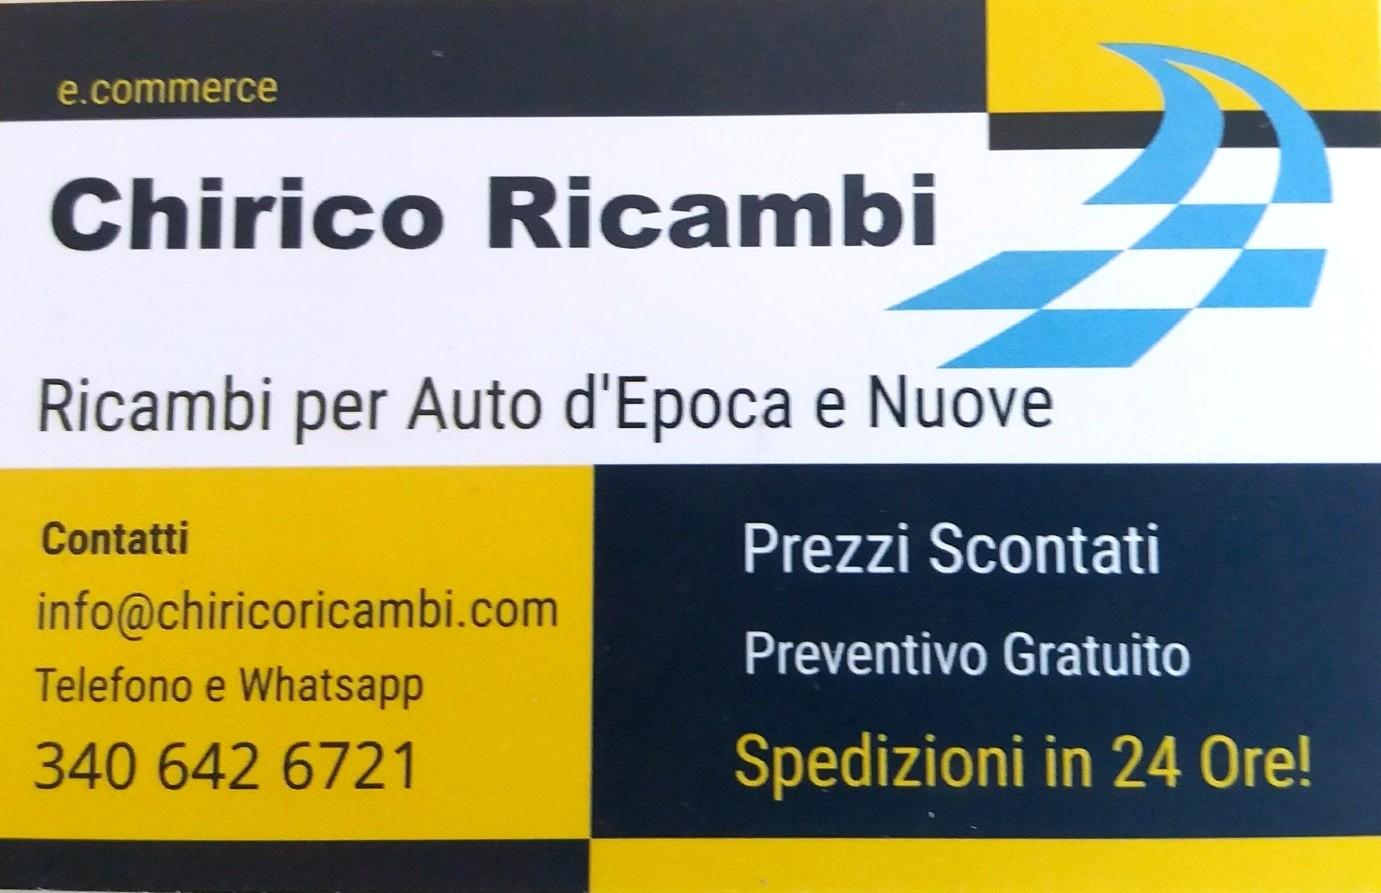 Contatti Chirico Ricambi